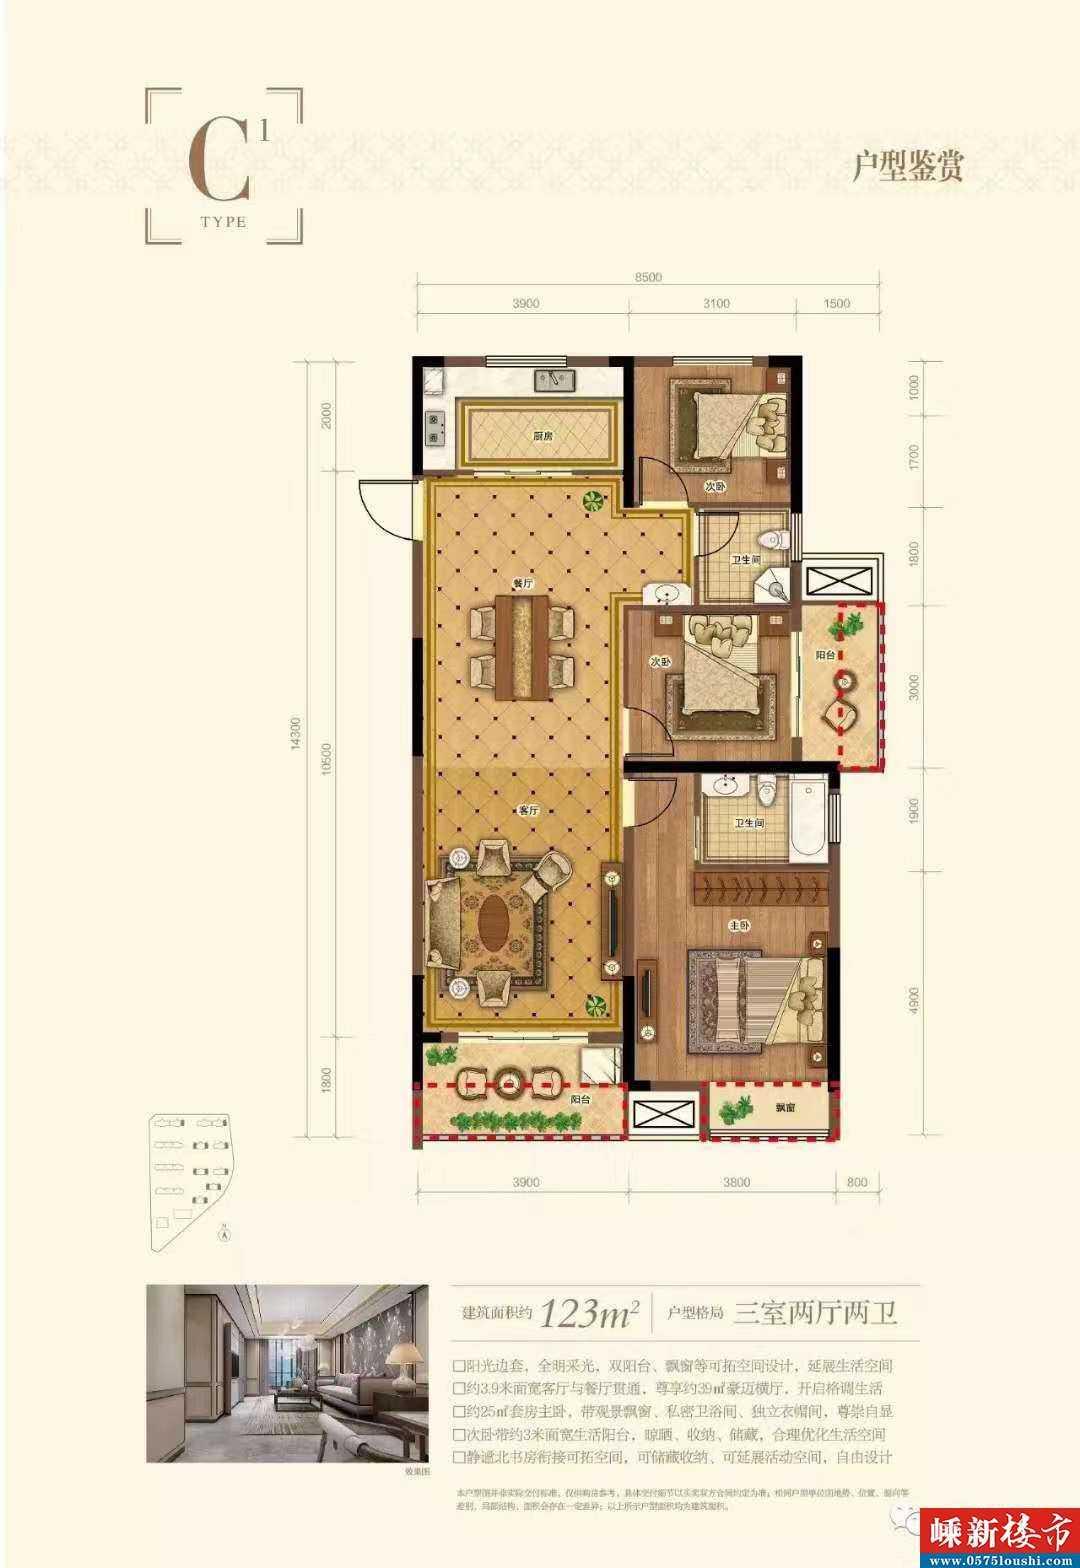 05143出售天章华府,十一层的十层,120.96平方米,三室两厅一厨两卫,南北通透,东边套,采光好,景观极佳。的实拍照片